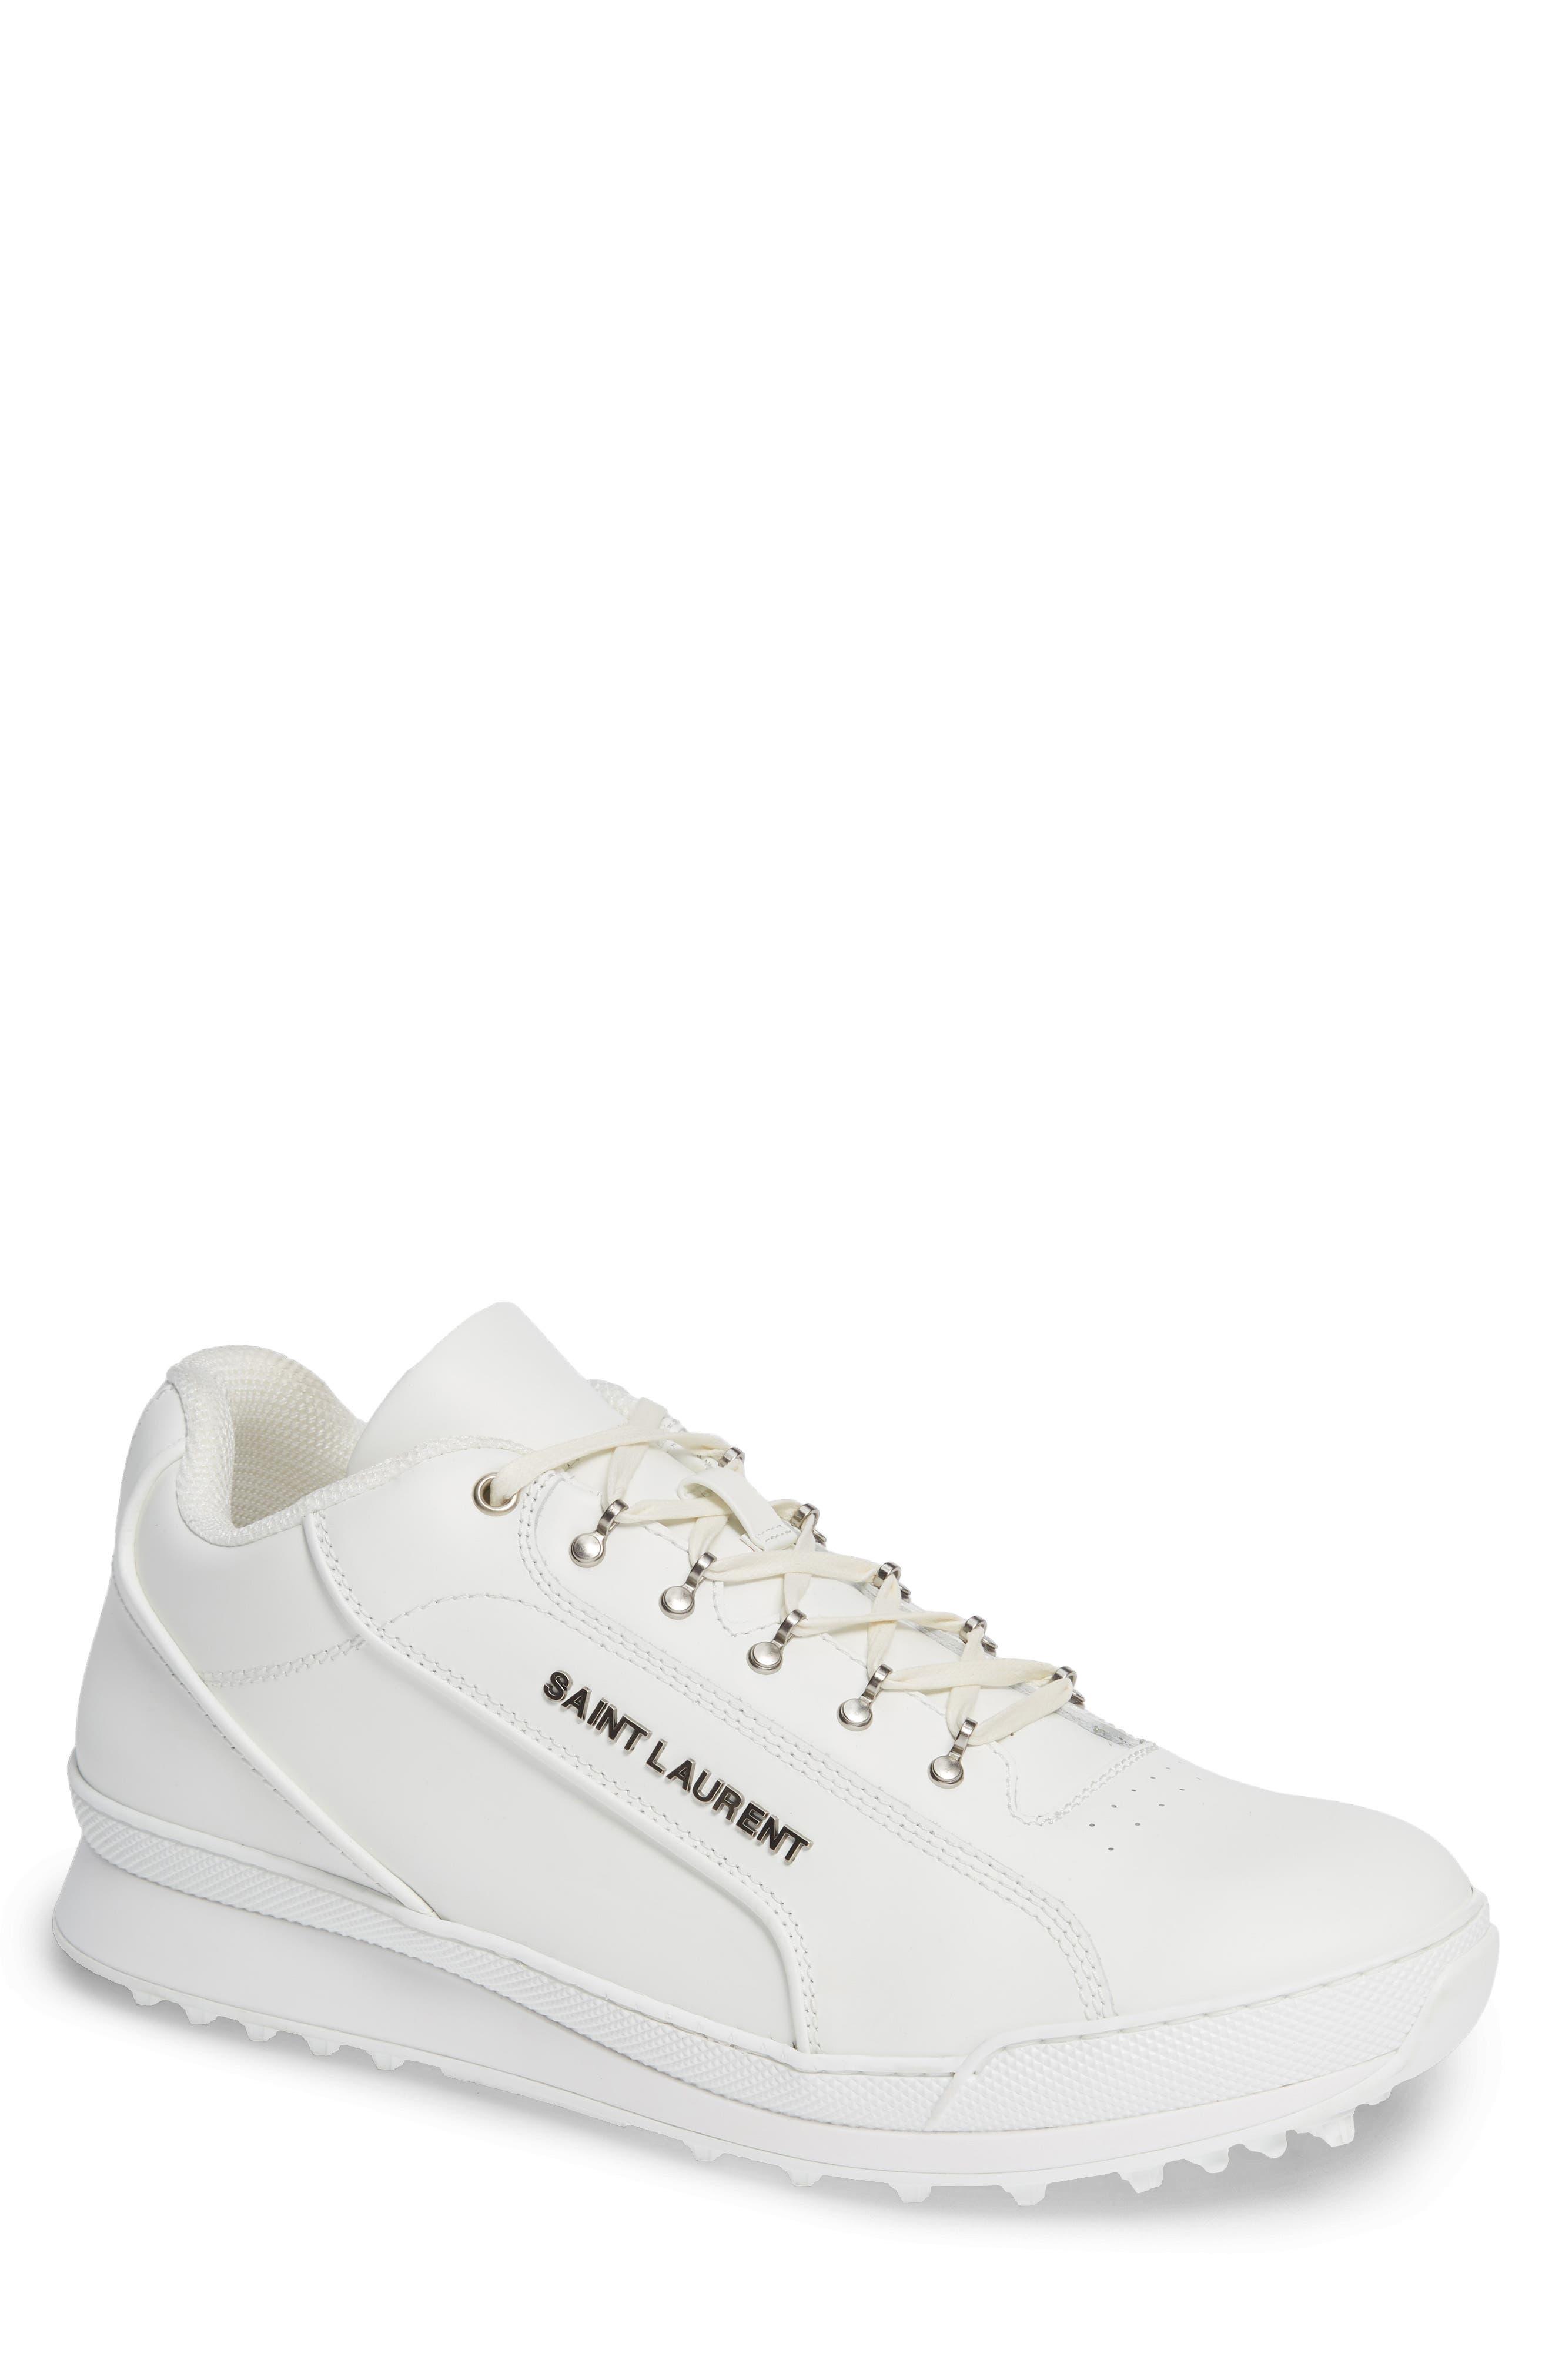 Jump Low Top Sneaker,                             Main thumbnail 1, color,                             120